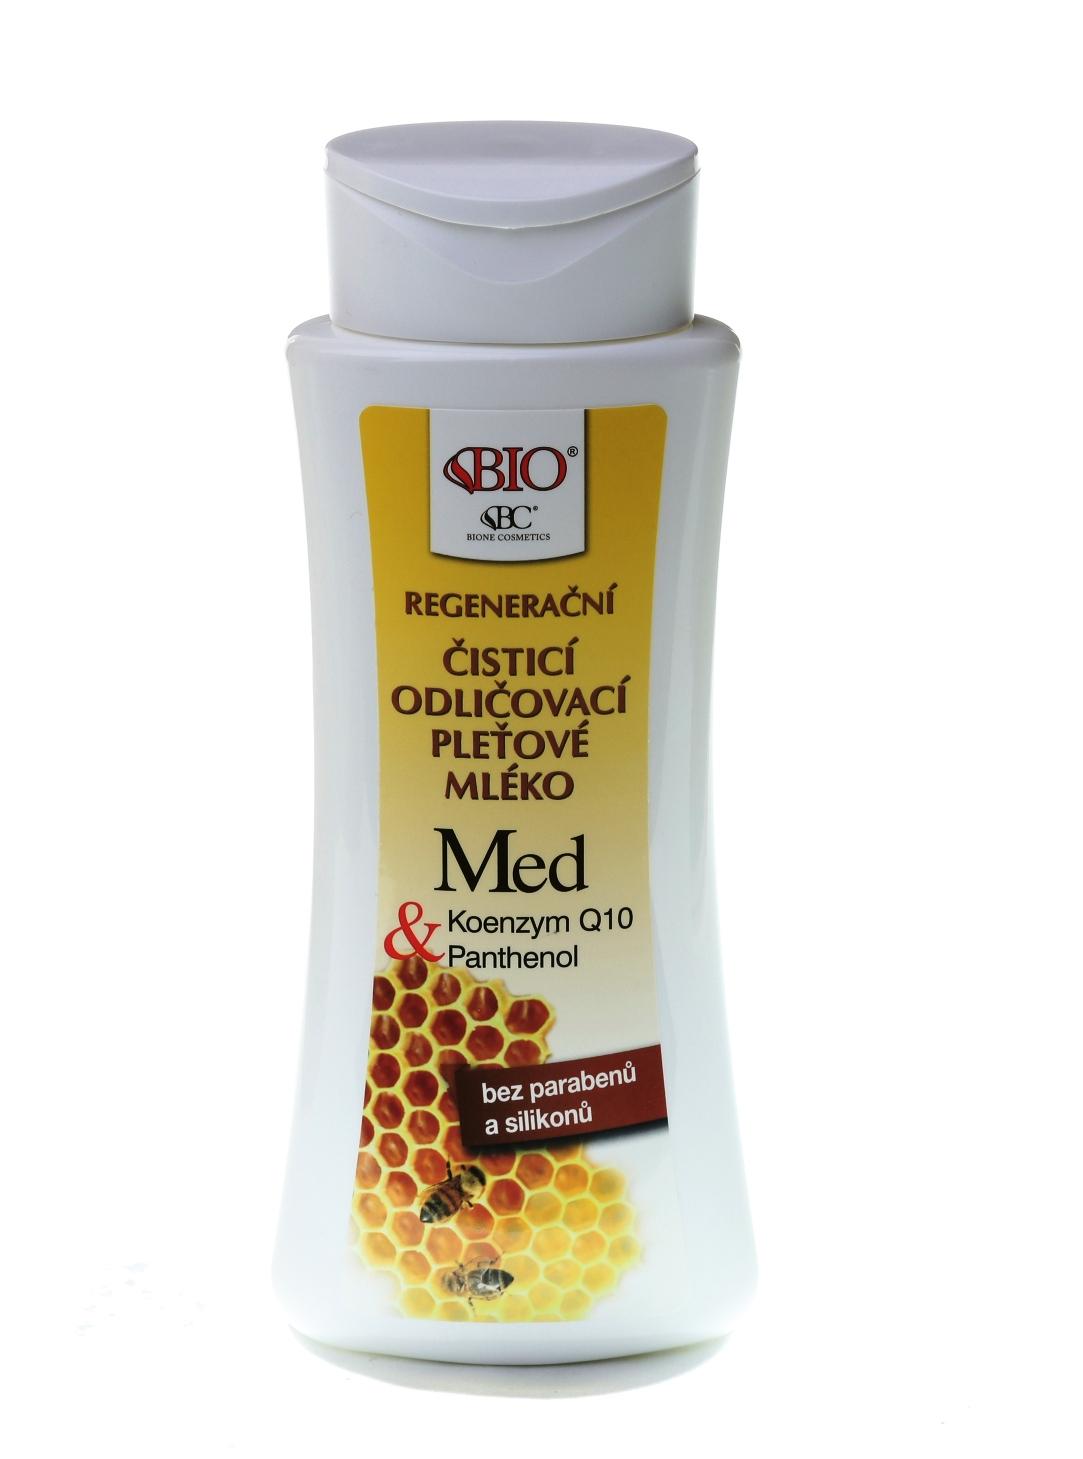 Bione Cosmetics - Odličovacie pleťové mlieko Med 255ml